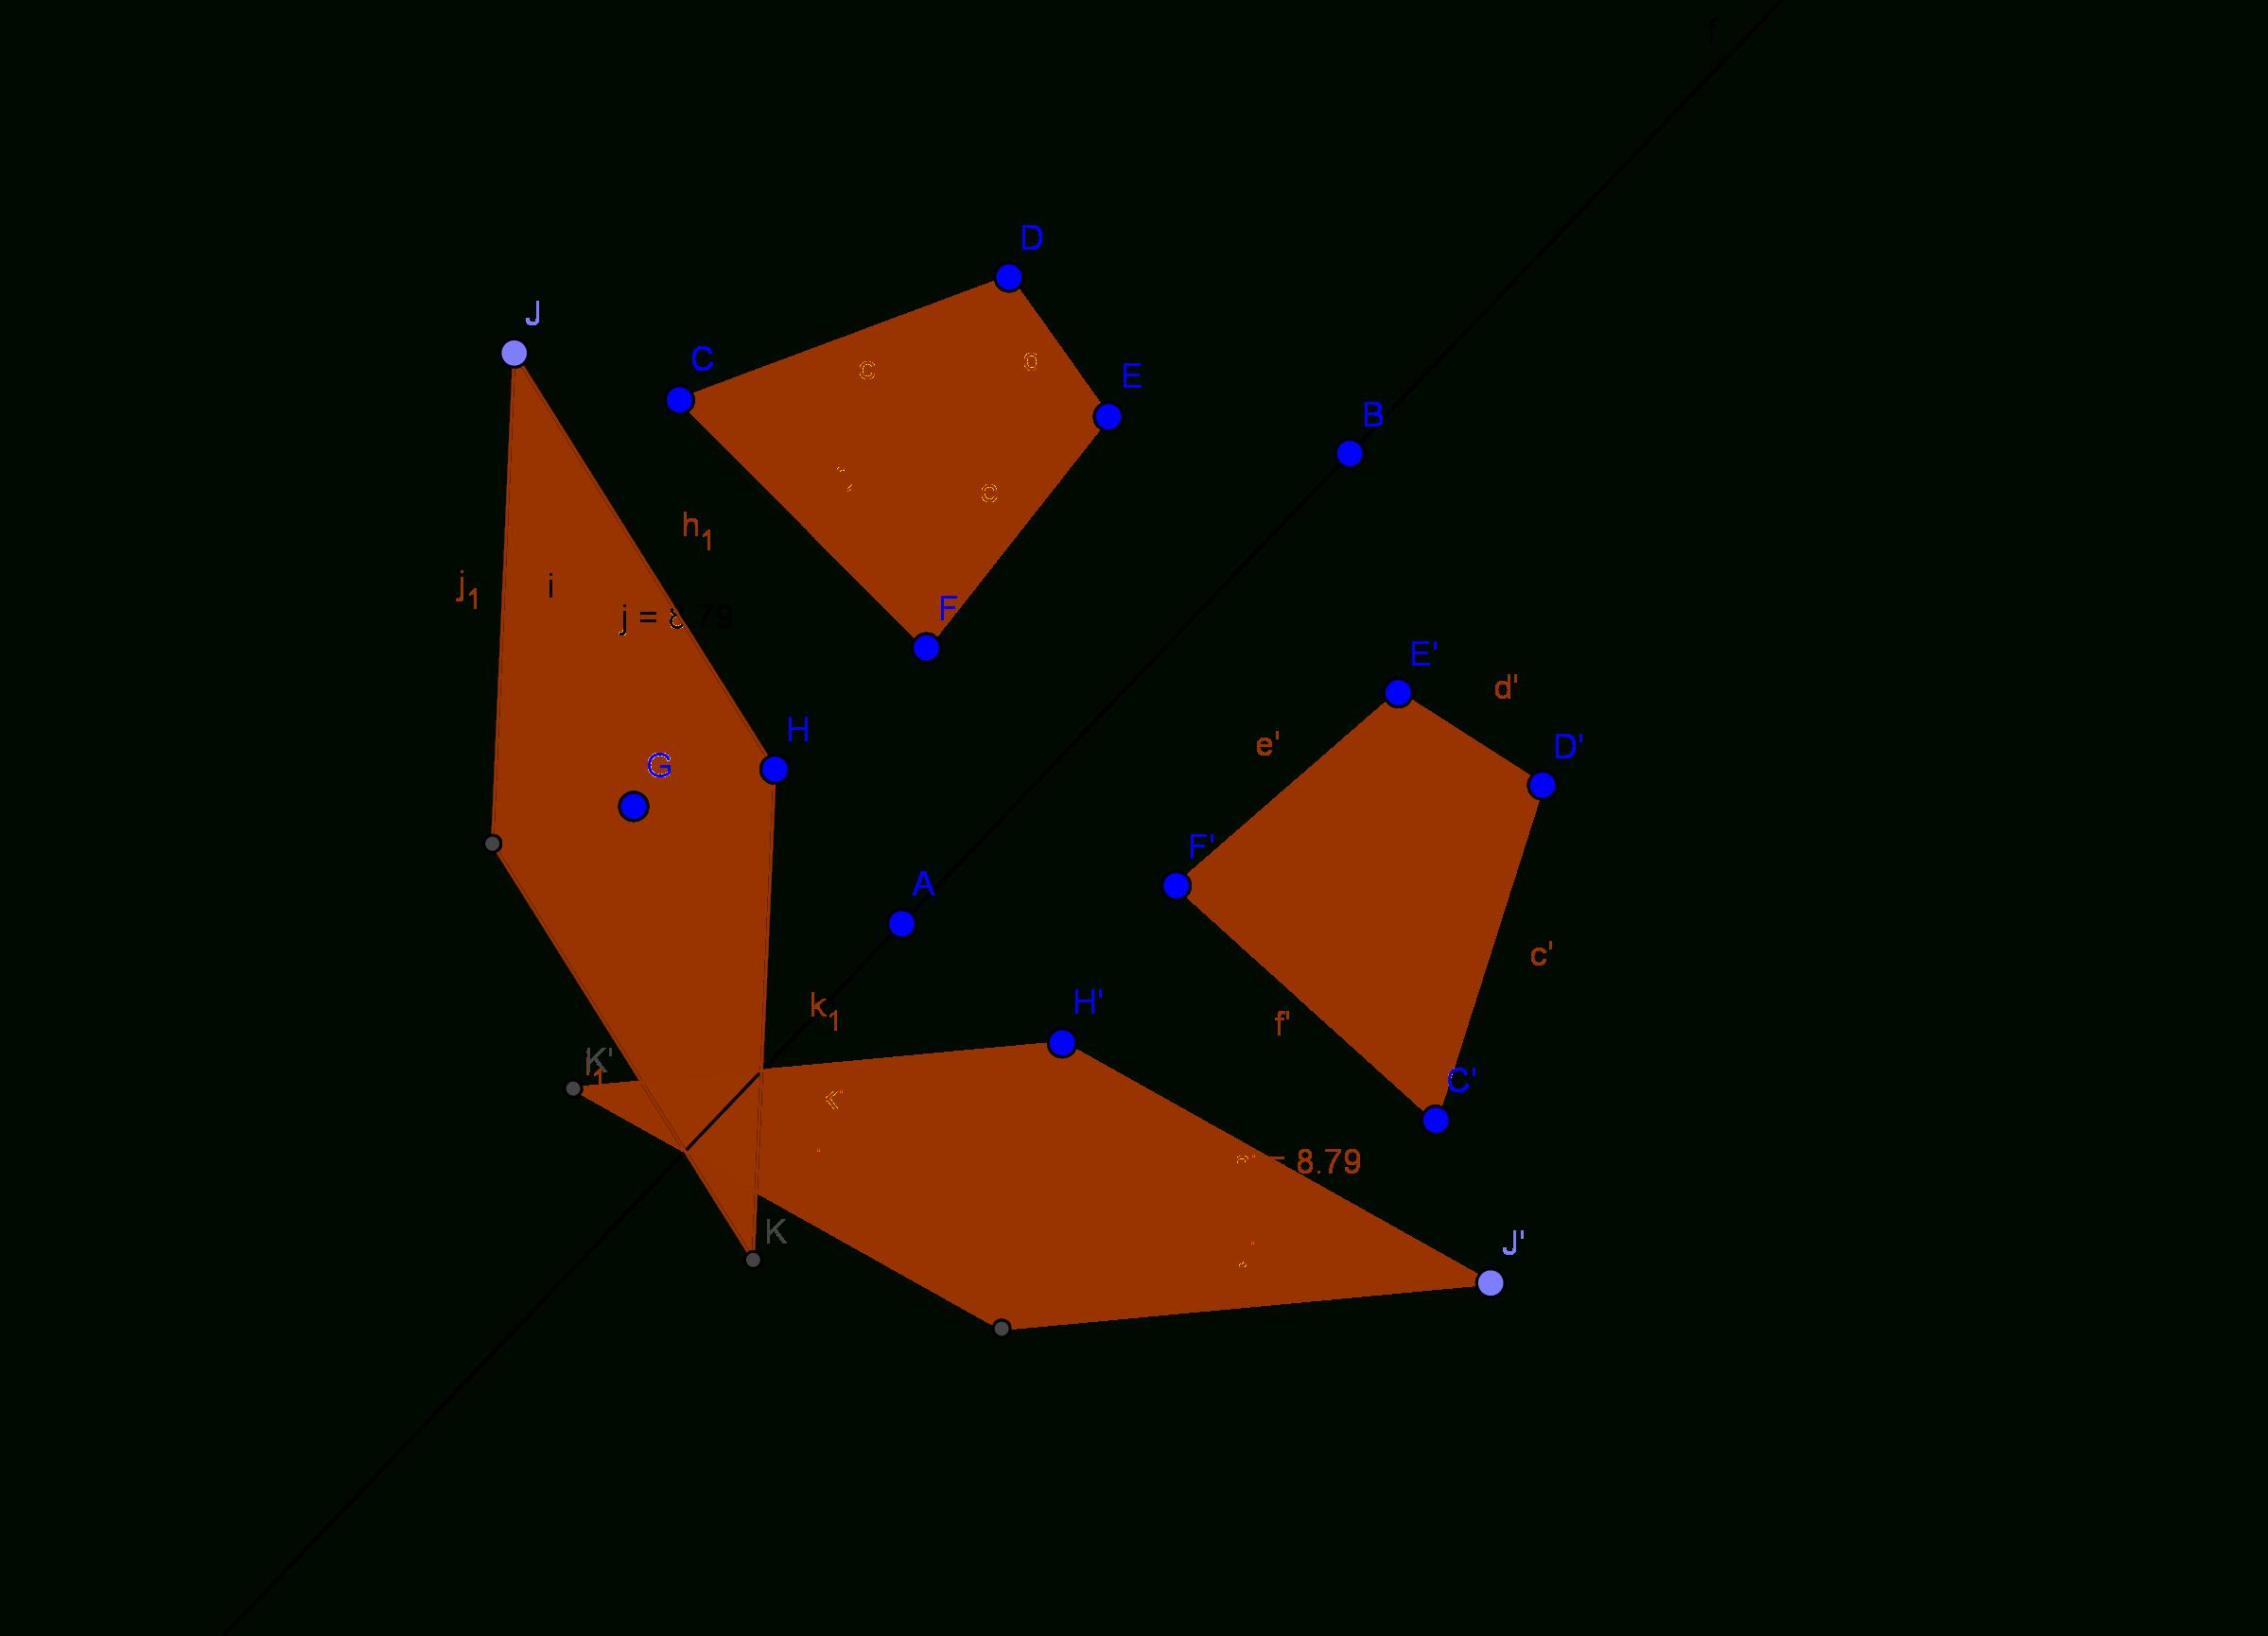 La Symétrie Axiale | Blog Charcot serapportantà Symetrie Axial